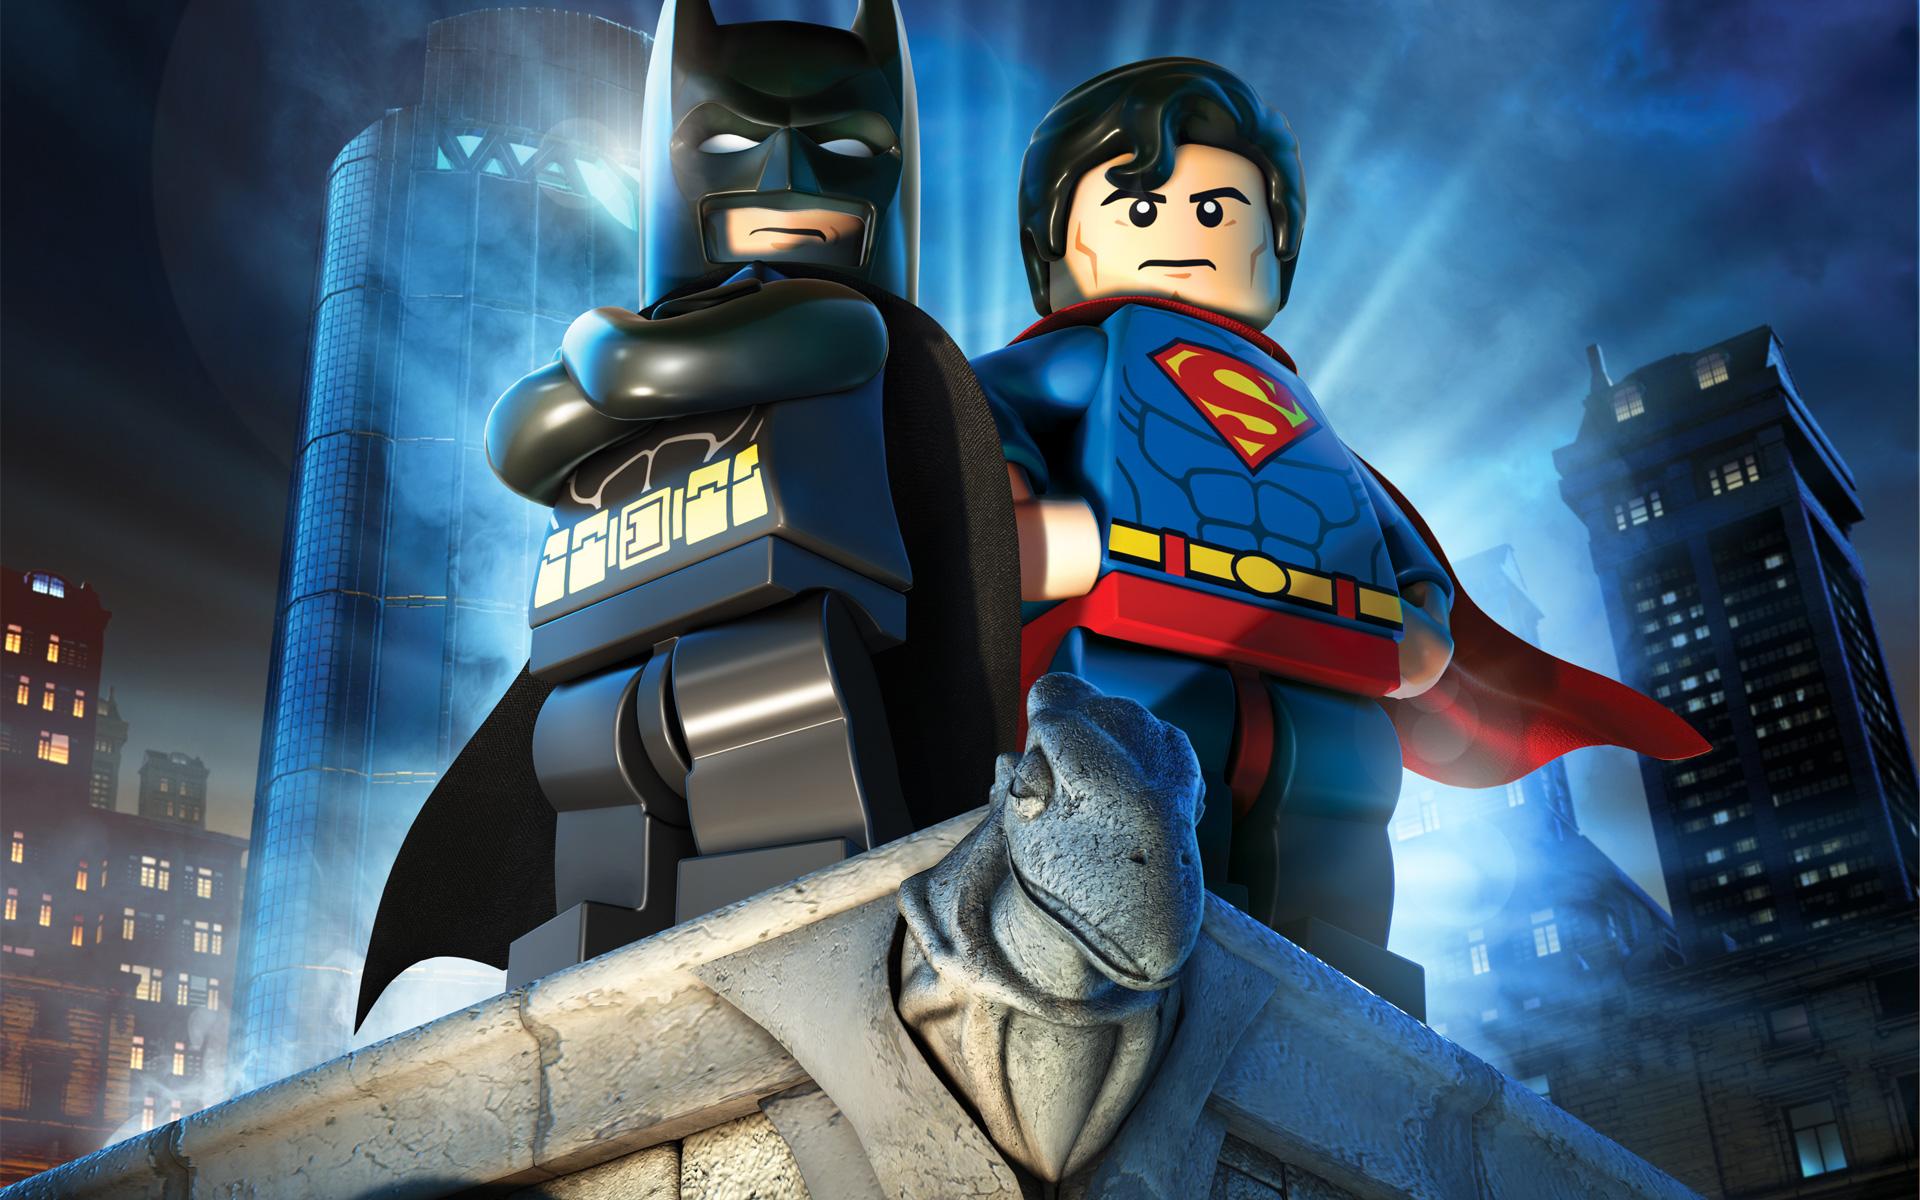 Free lego wallpaper impremedia lego batman 2 dc super heroes 1920x1200 voltagebd Image collections